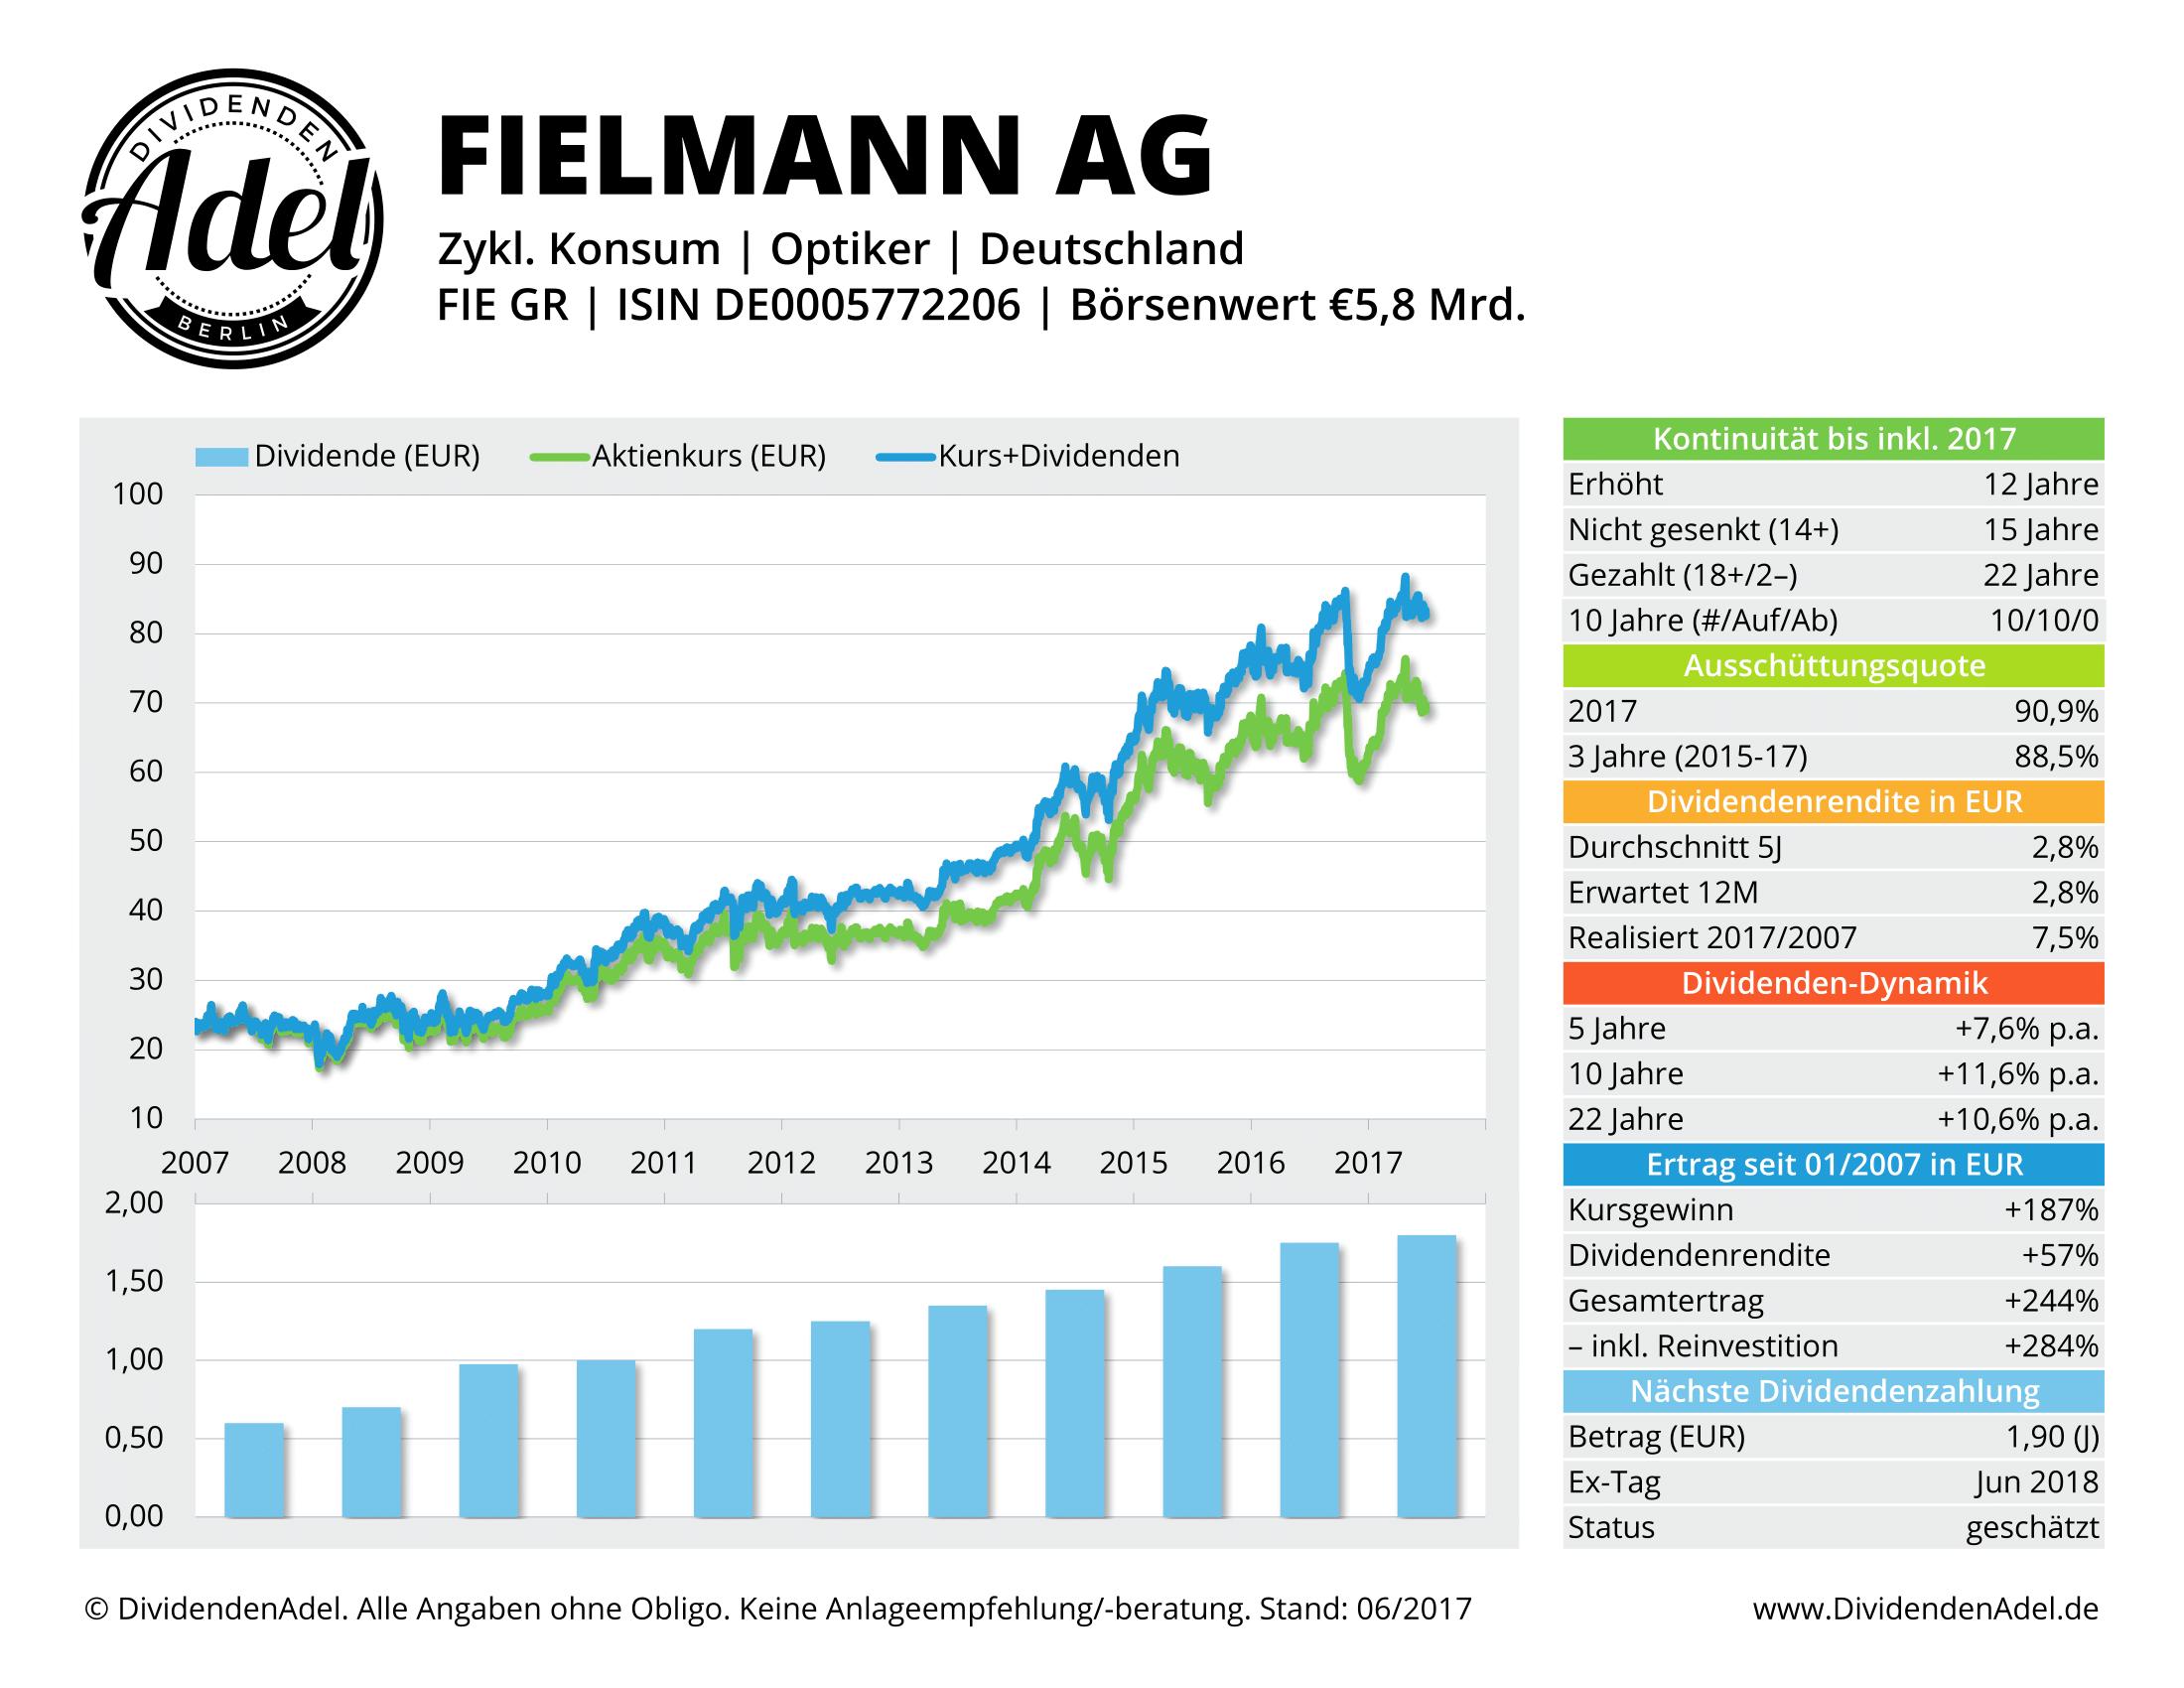 FIELMANN AG DividendenAdel-Profil